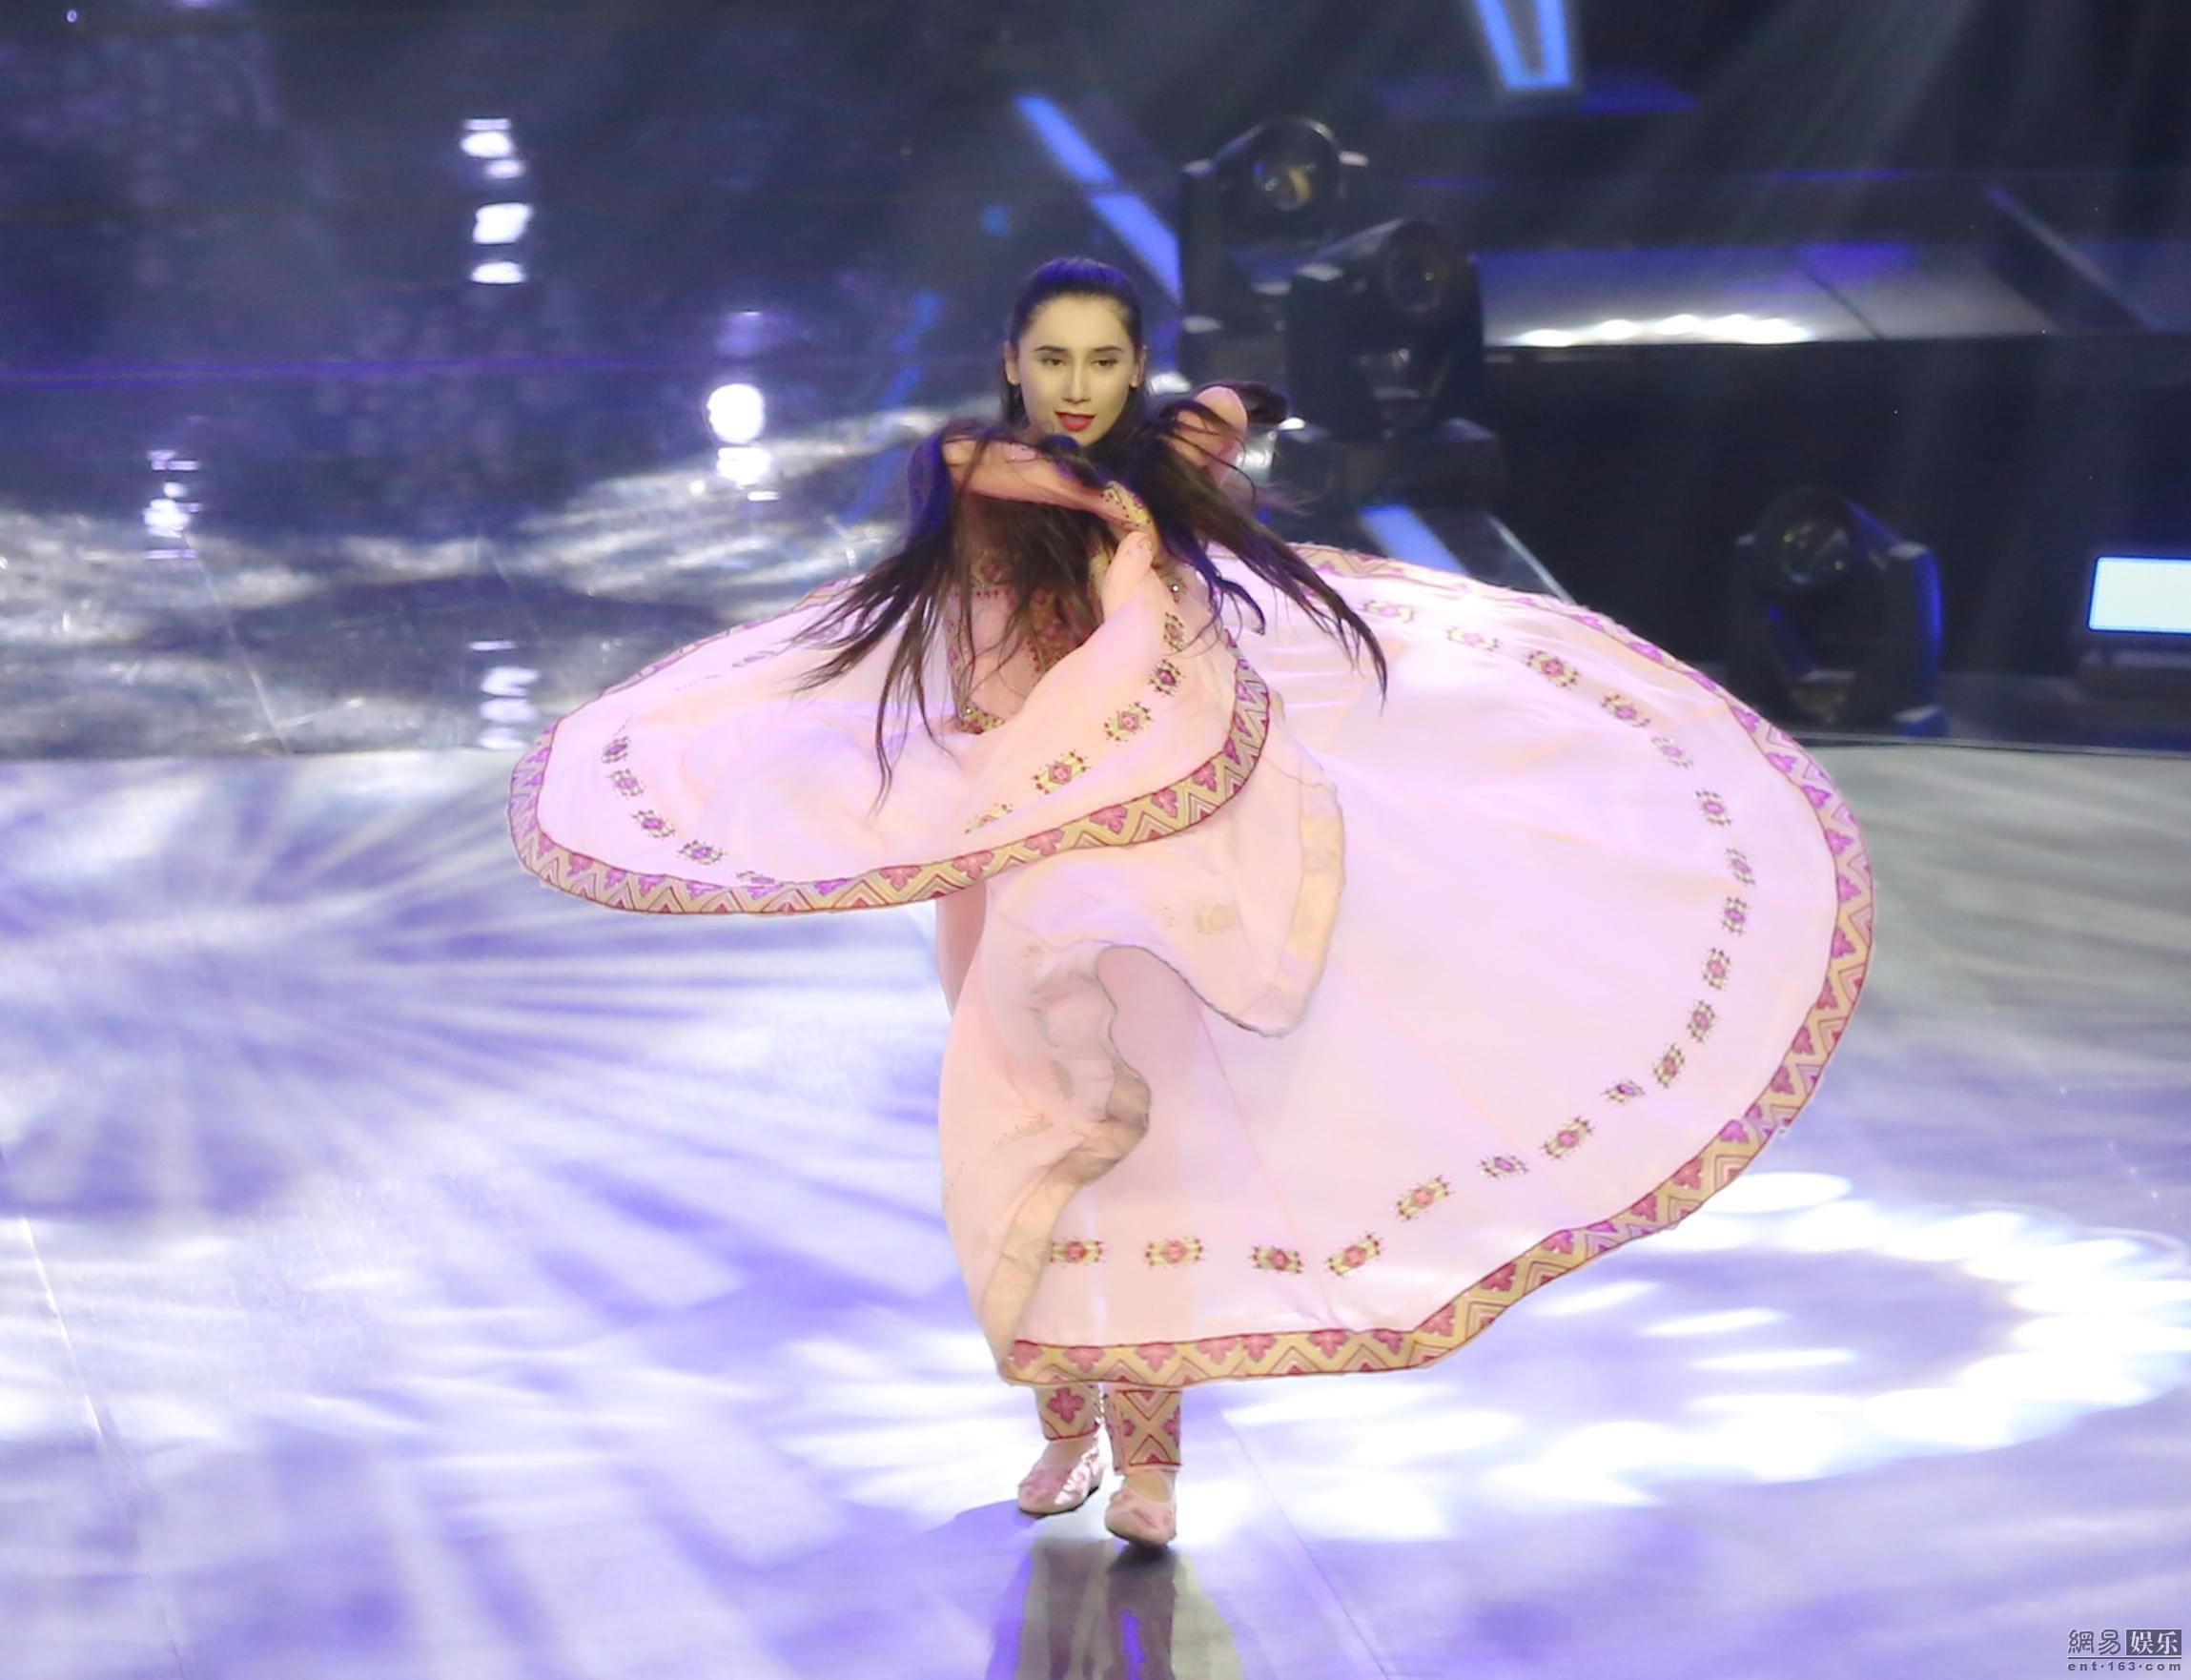 29岁新疆妈妈重回舞台 舞技惊人看呆撒贝宁